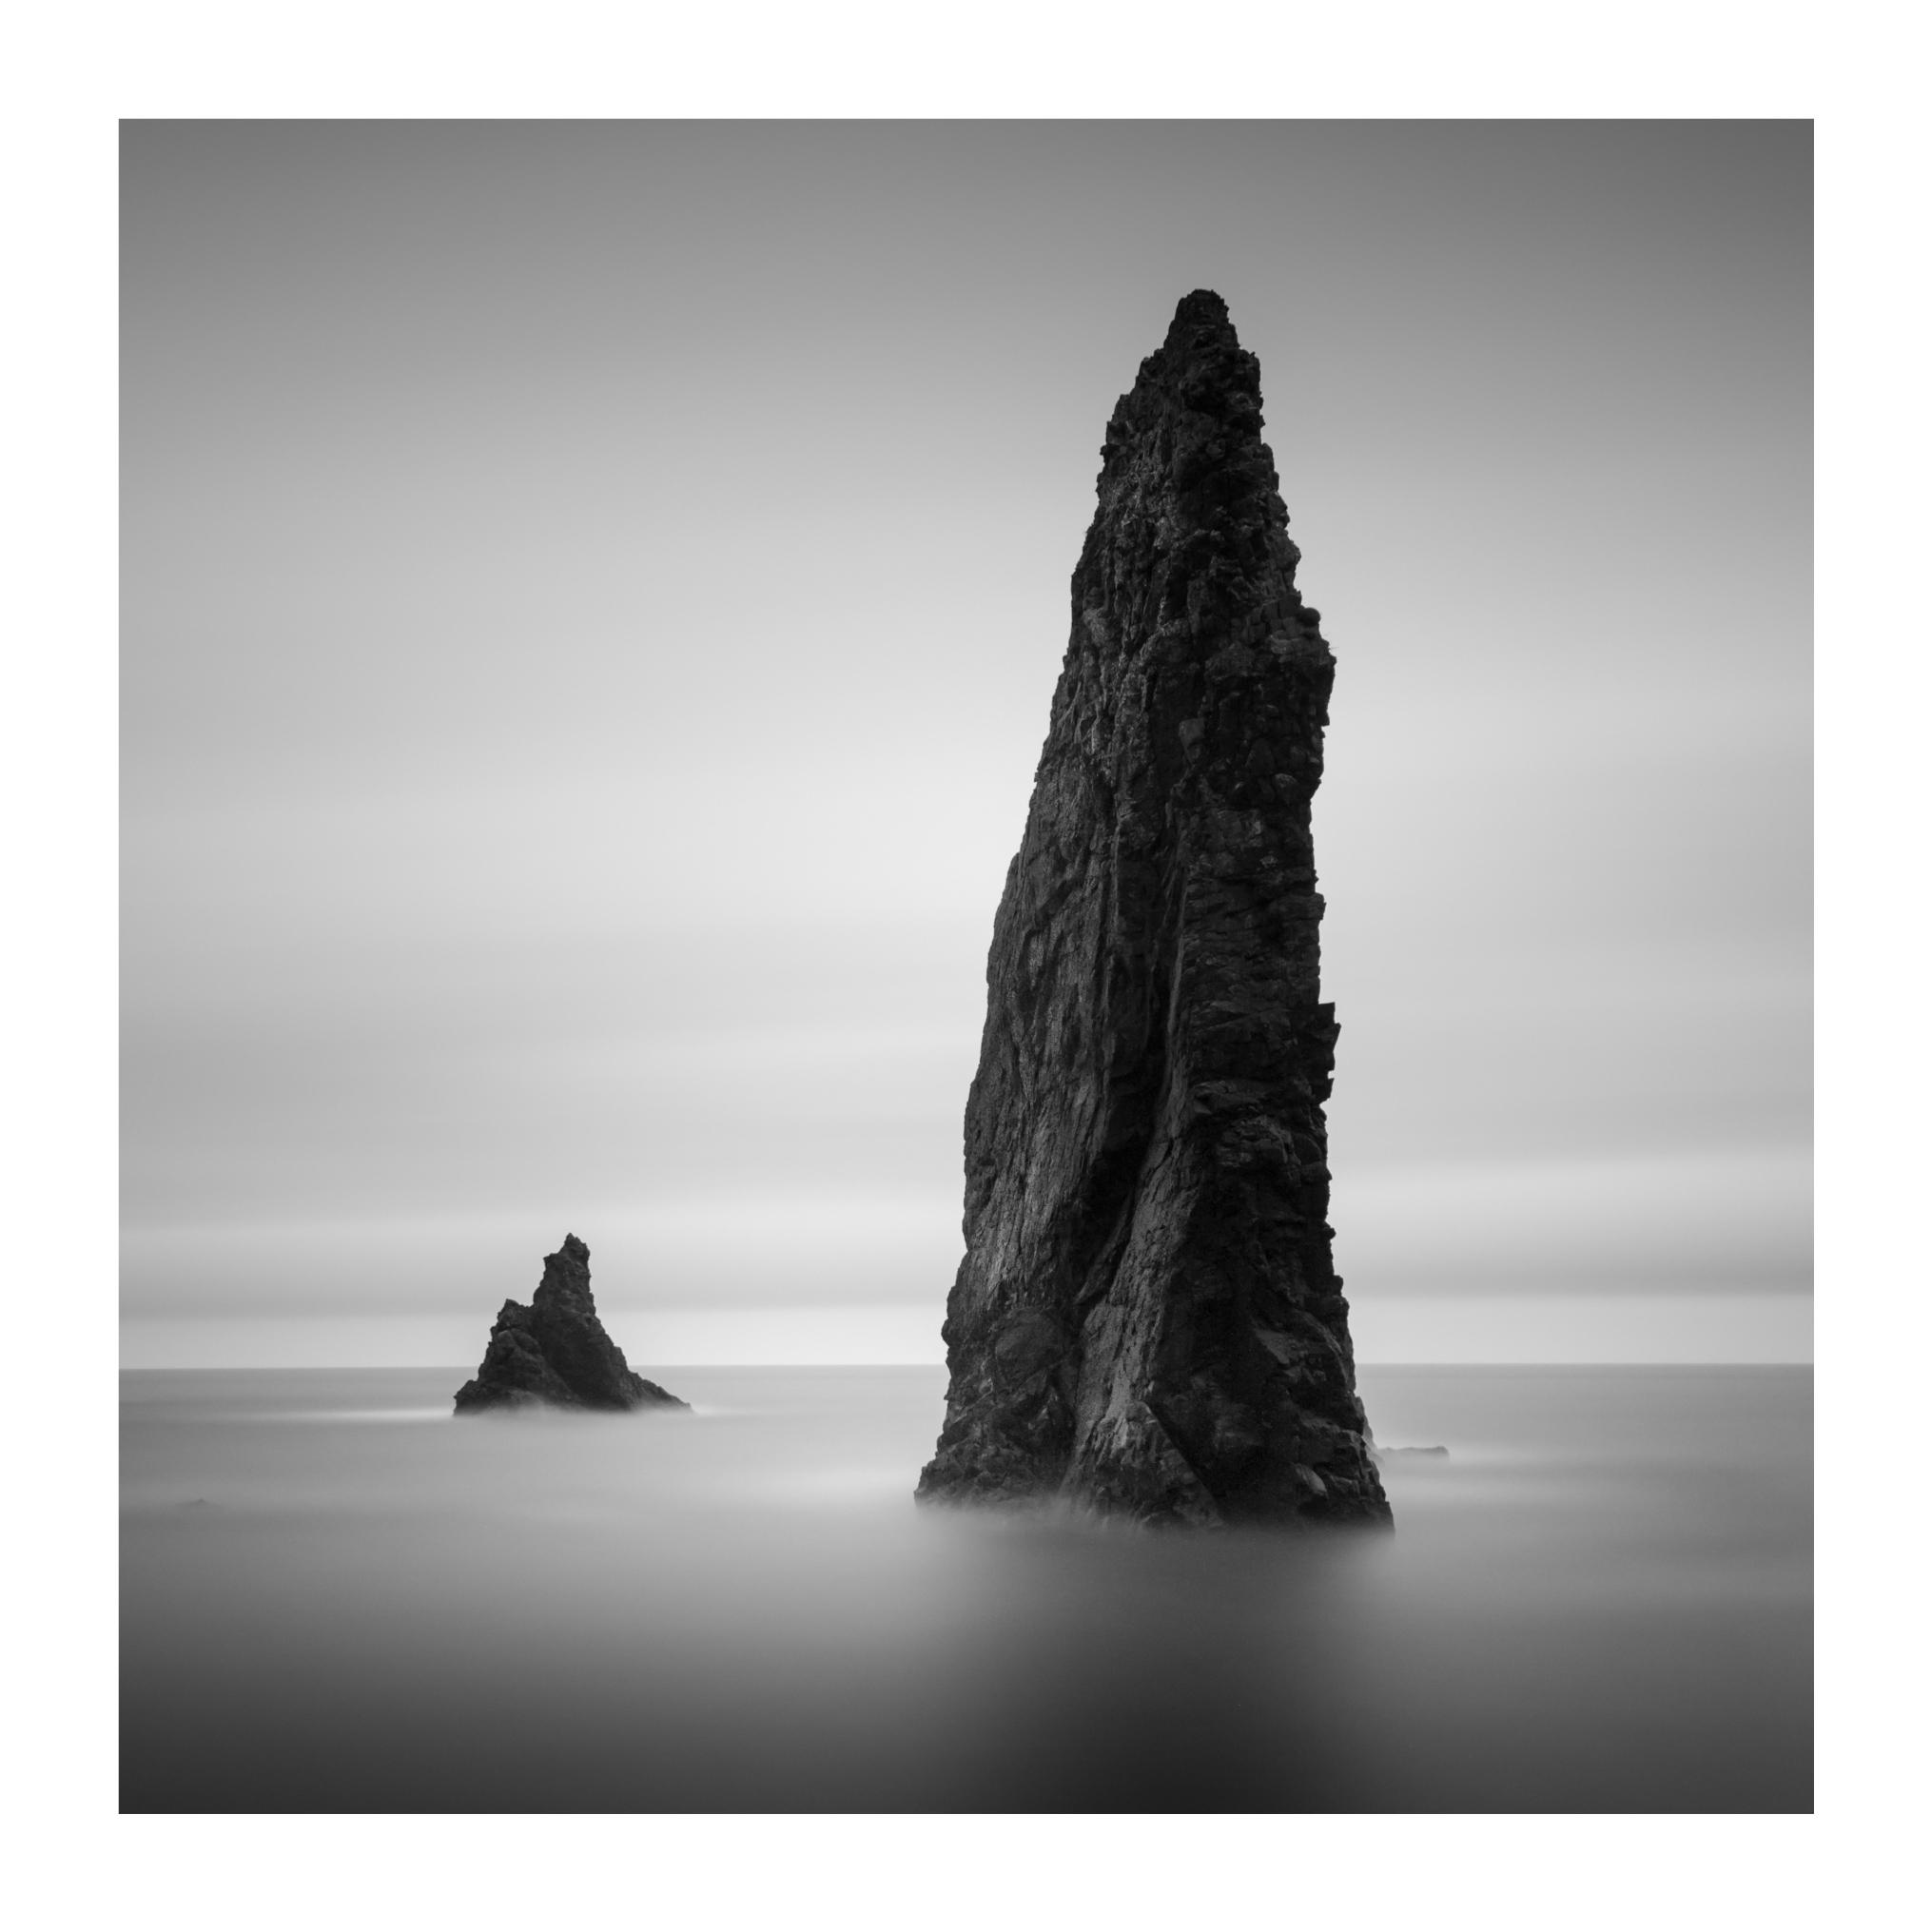 Copper Coast 15 - Sea stack on the copper coast